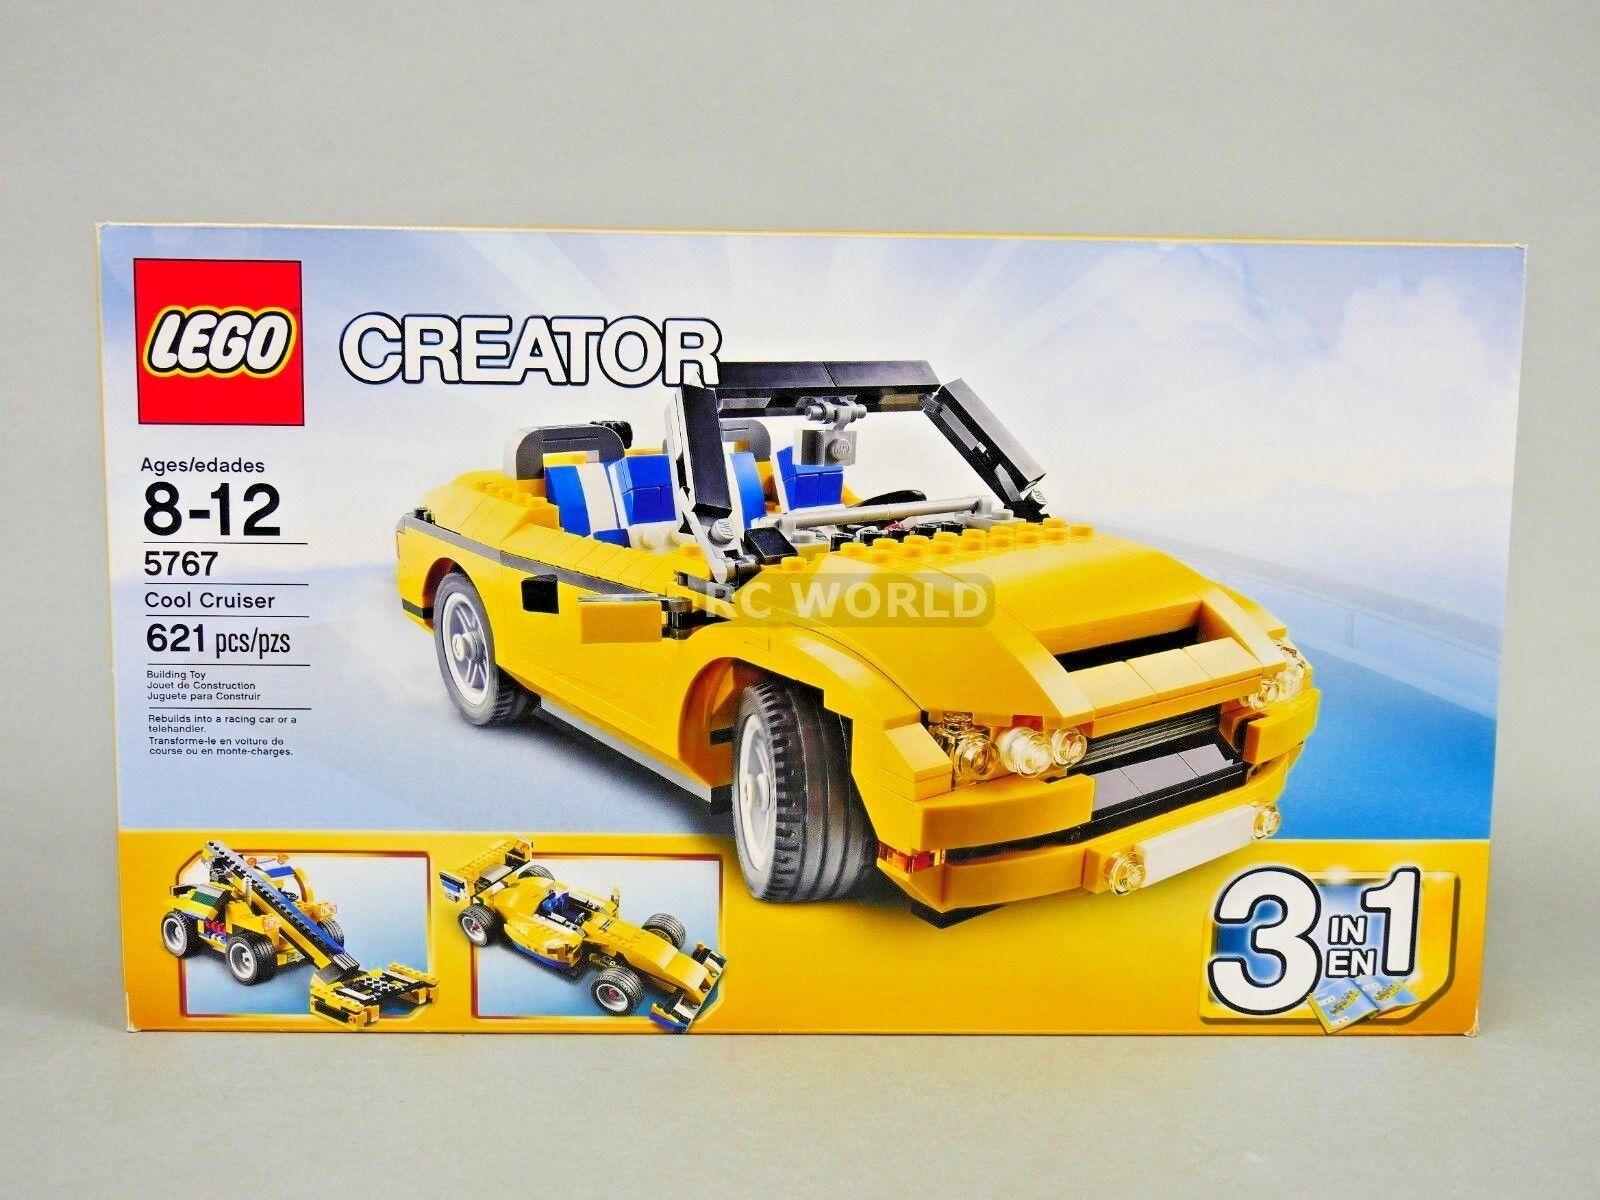 LEGO creador Cool Cruiser coche 5767 (621 piezas)  rk1t